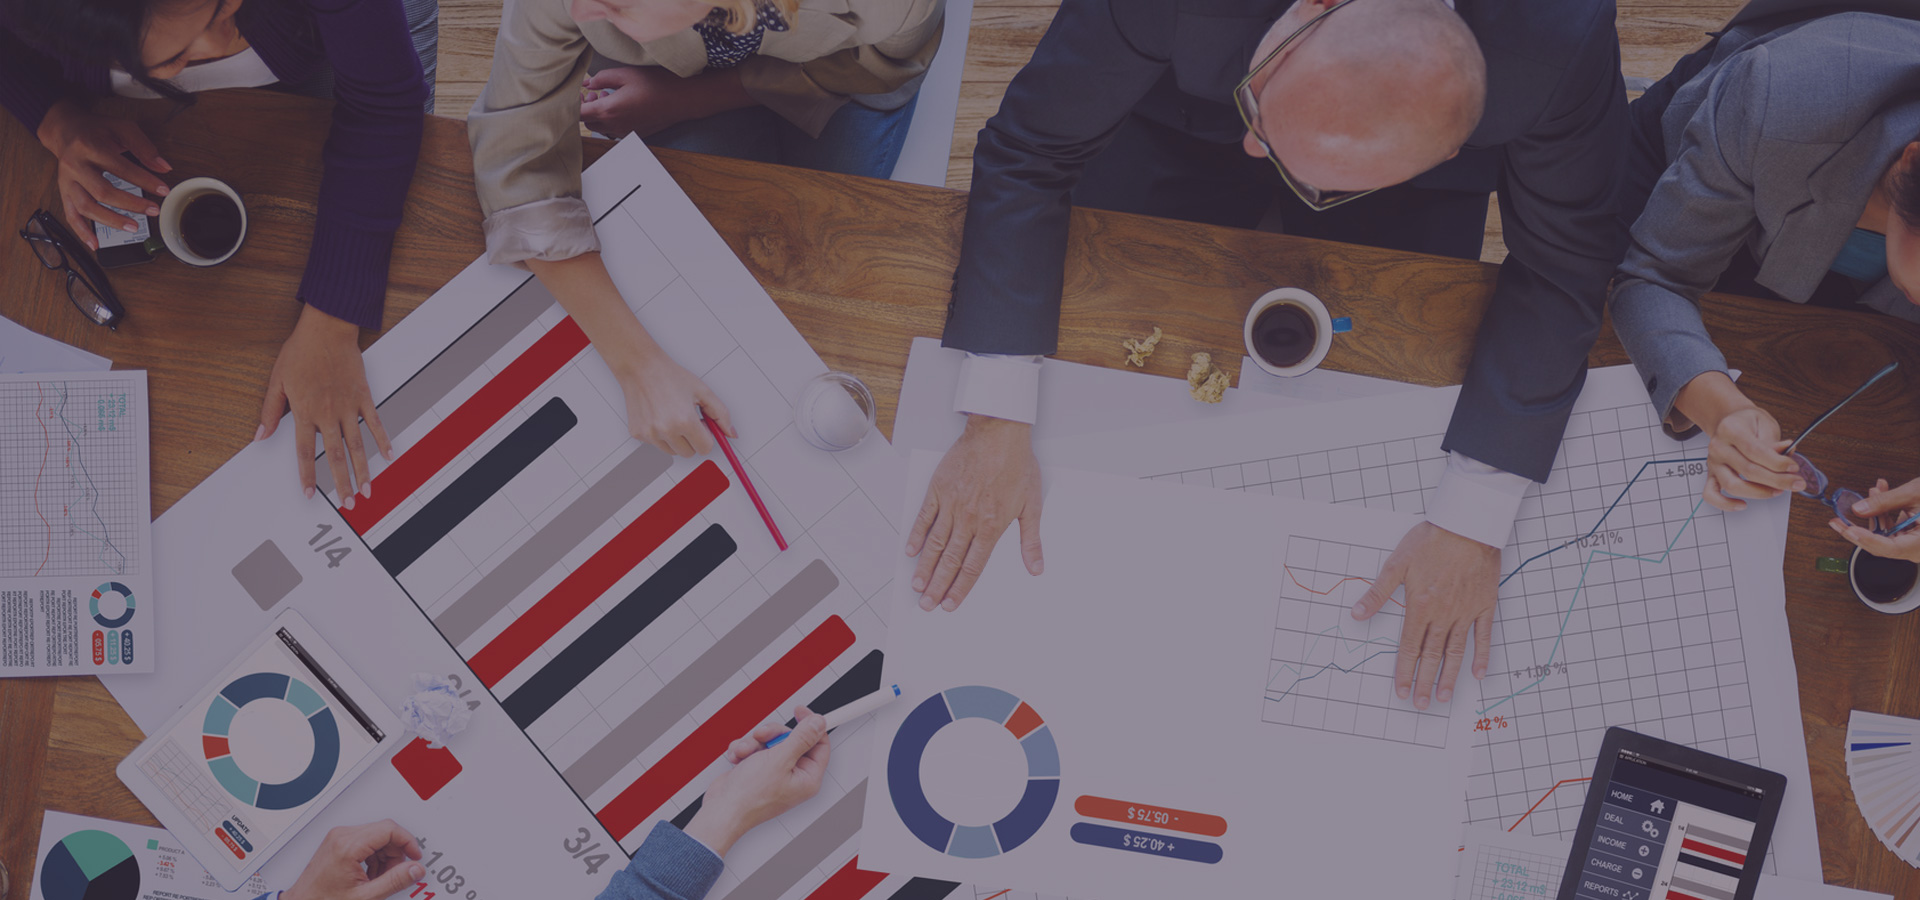 ФИЛИН — бухгалтерские услуги для ИП и организаций